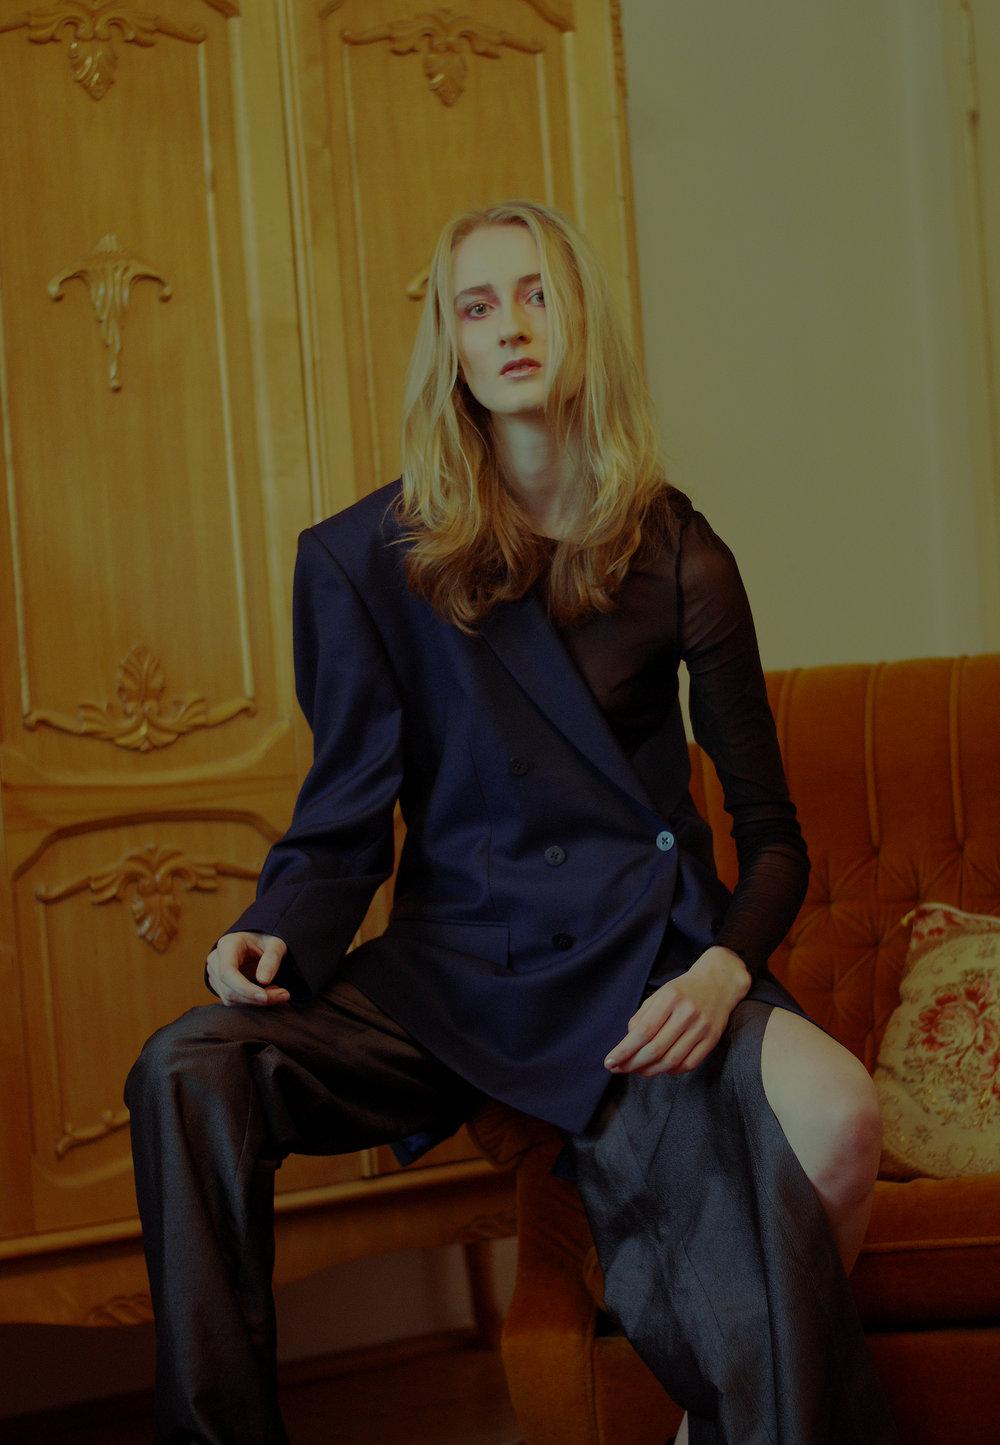 blazer DI LI GENT, top ZARA, trousers MMC